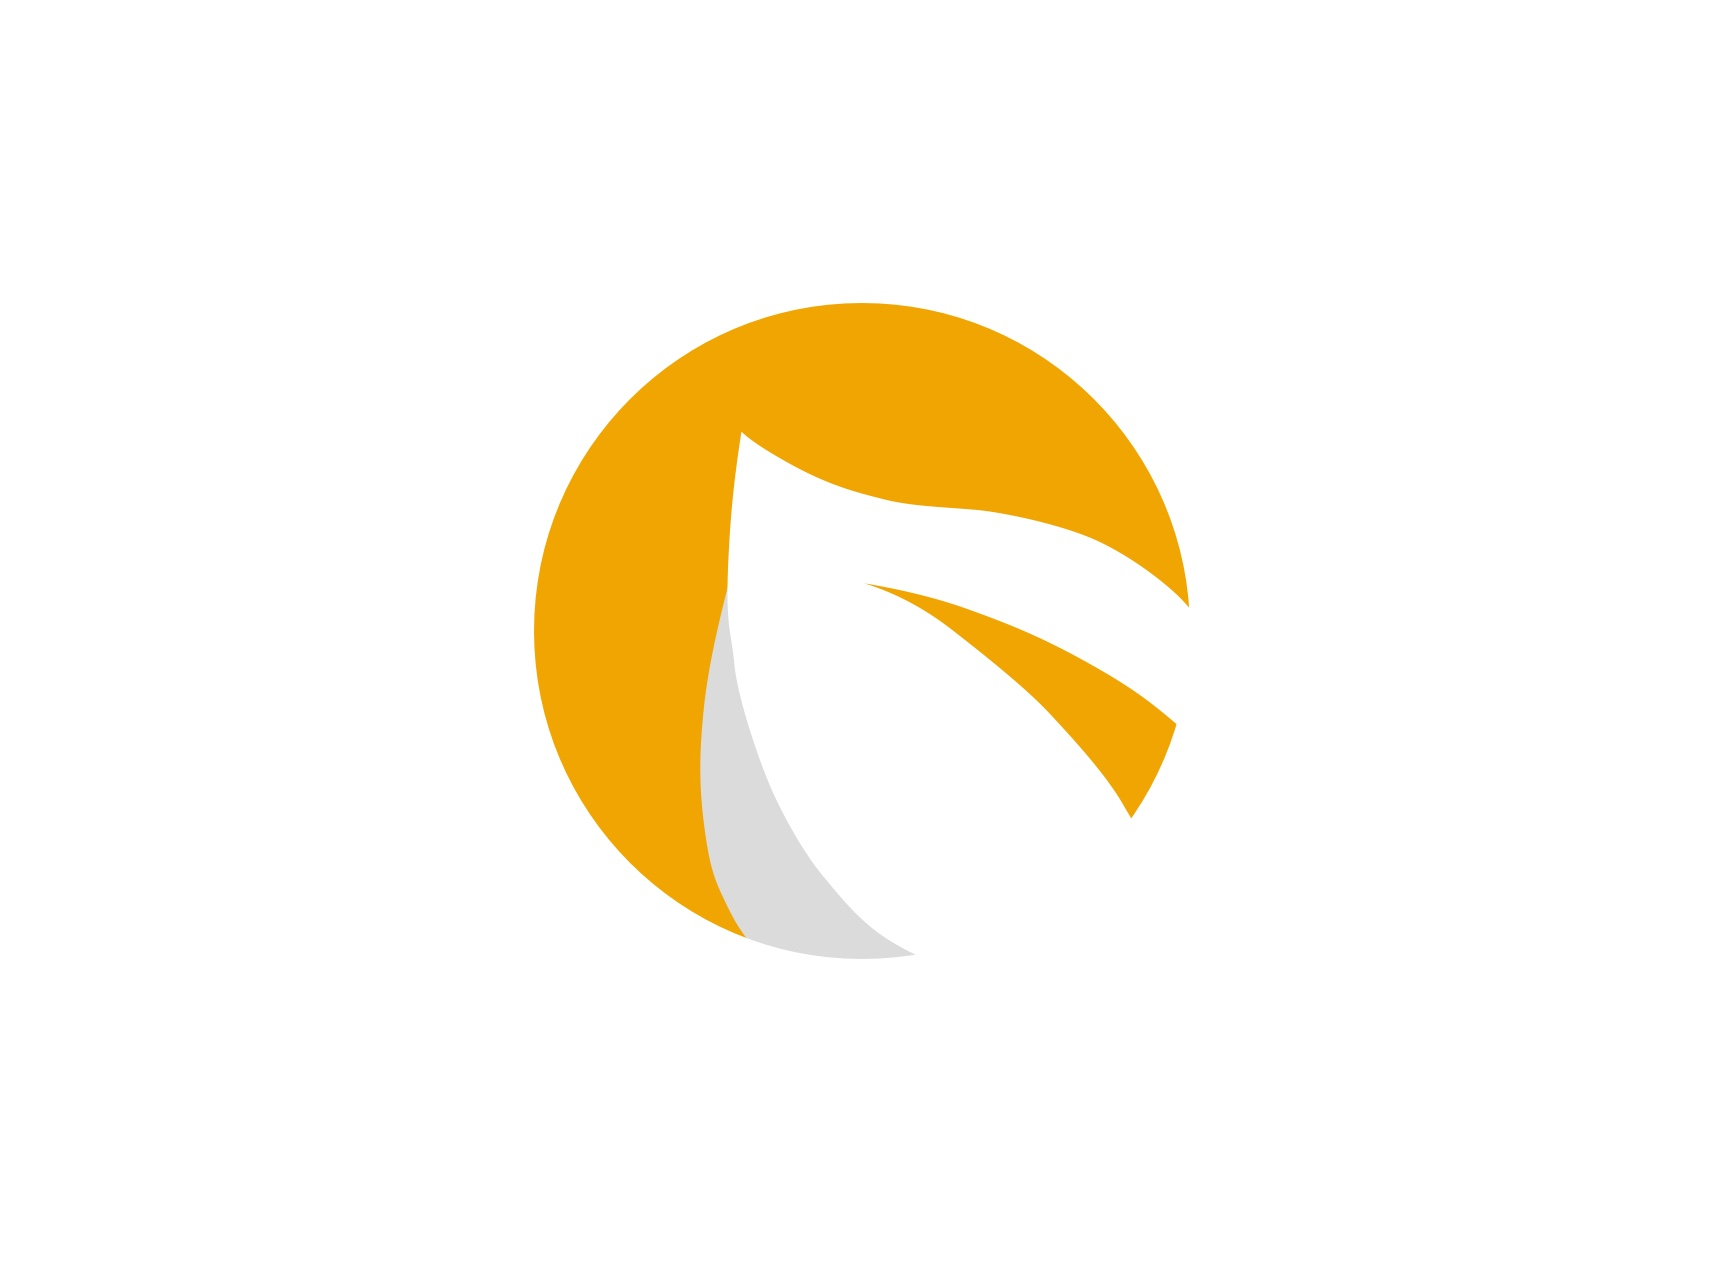 logo_rounded.jpg